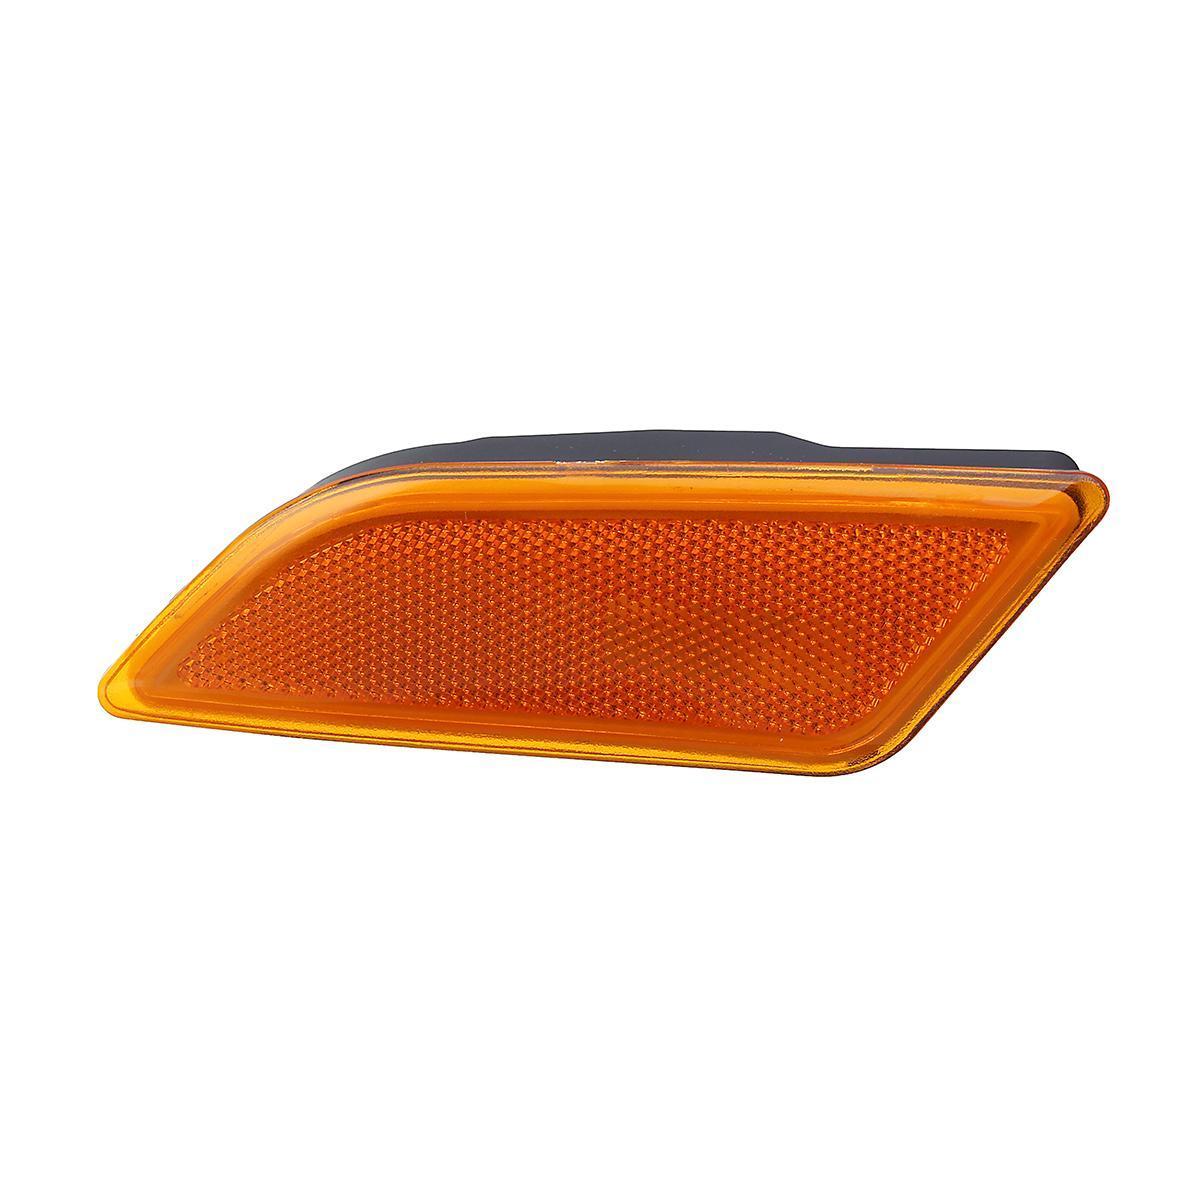 Left Amber Side Marker Indicator Light for Benz W204 C250 C300 C350 12-14